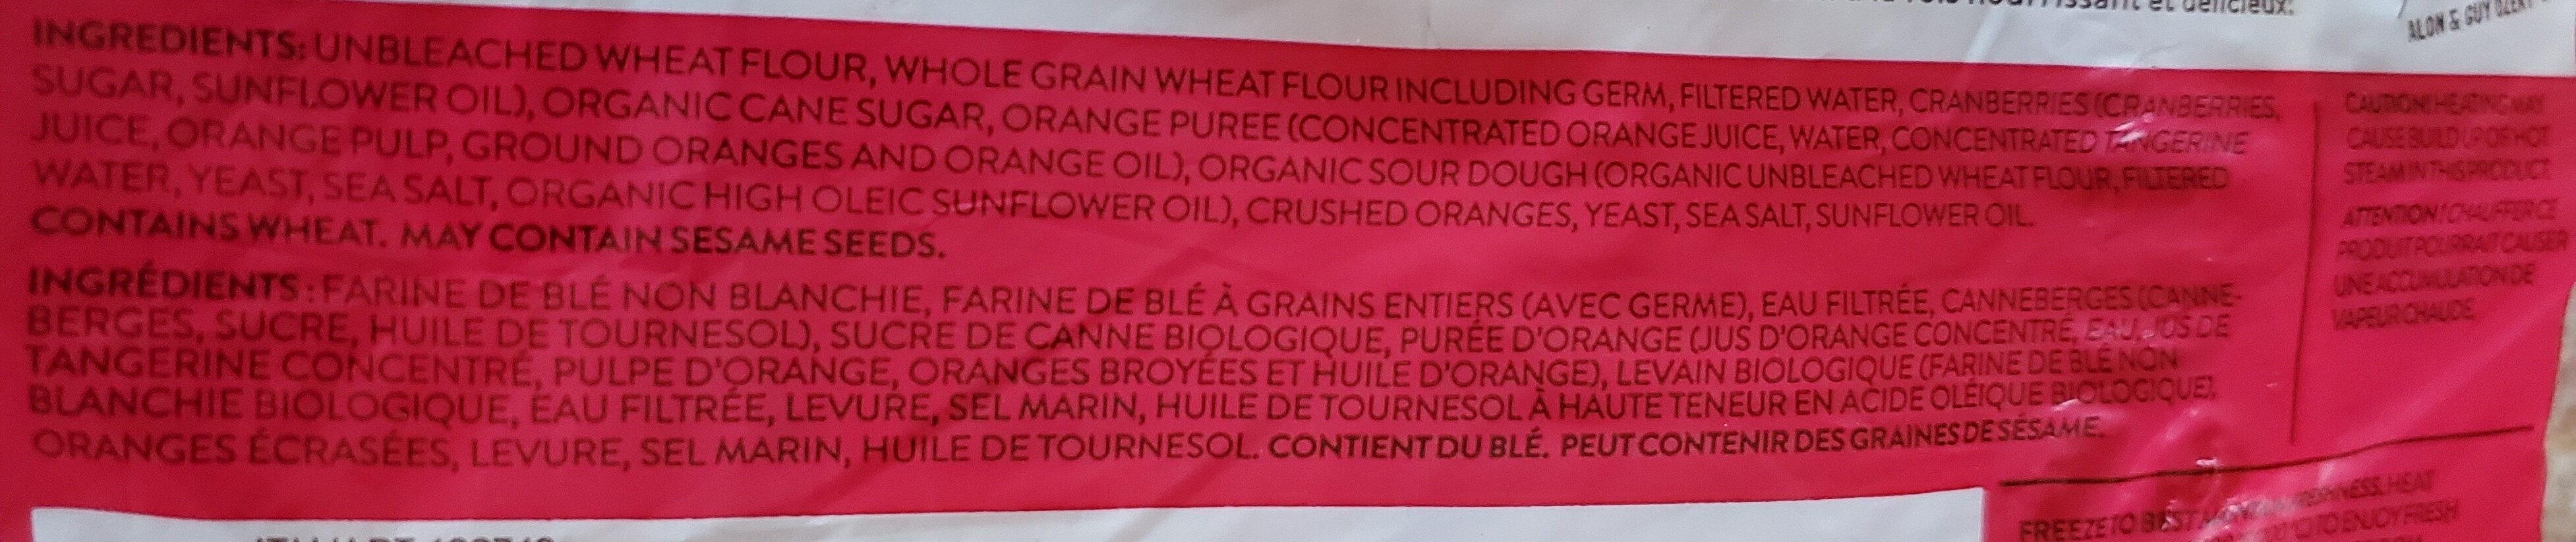 Petits pains aux fruits et aux grains - Ingrediënten - fr